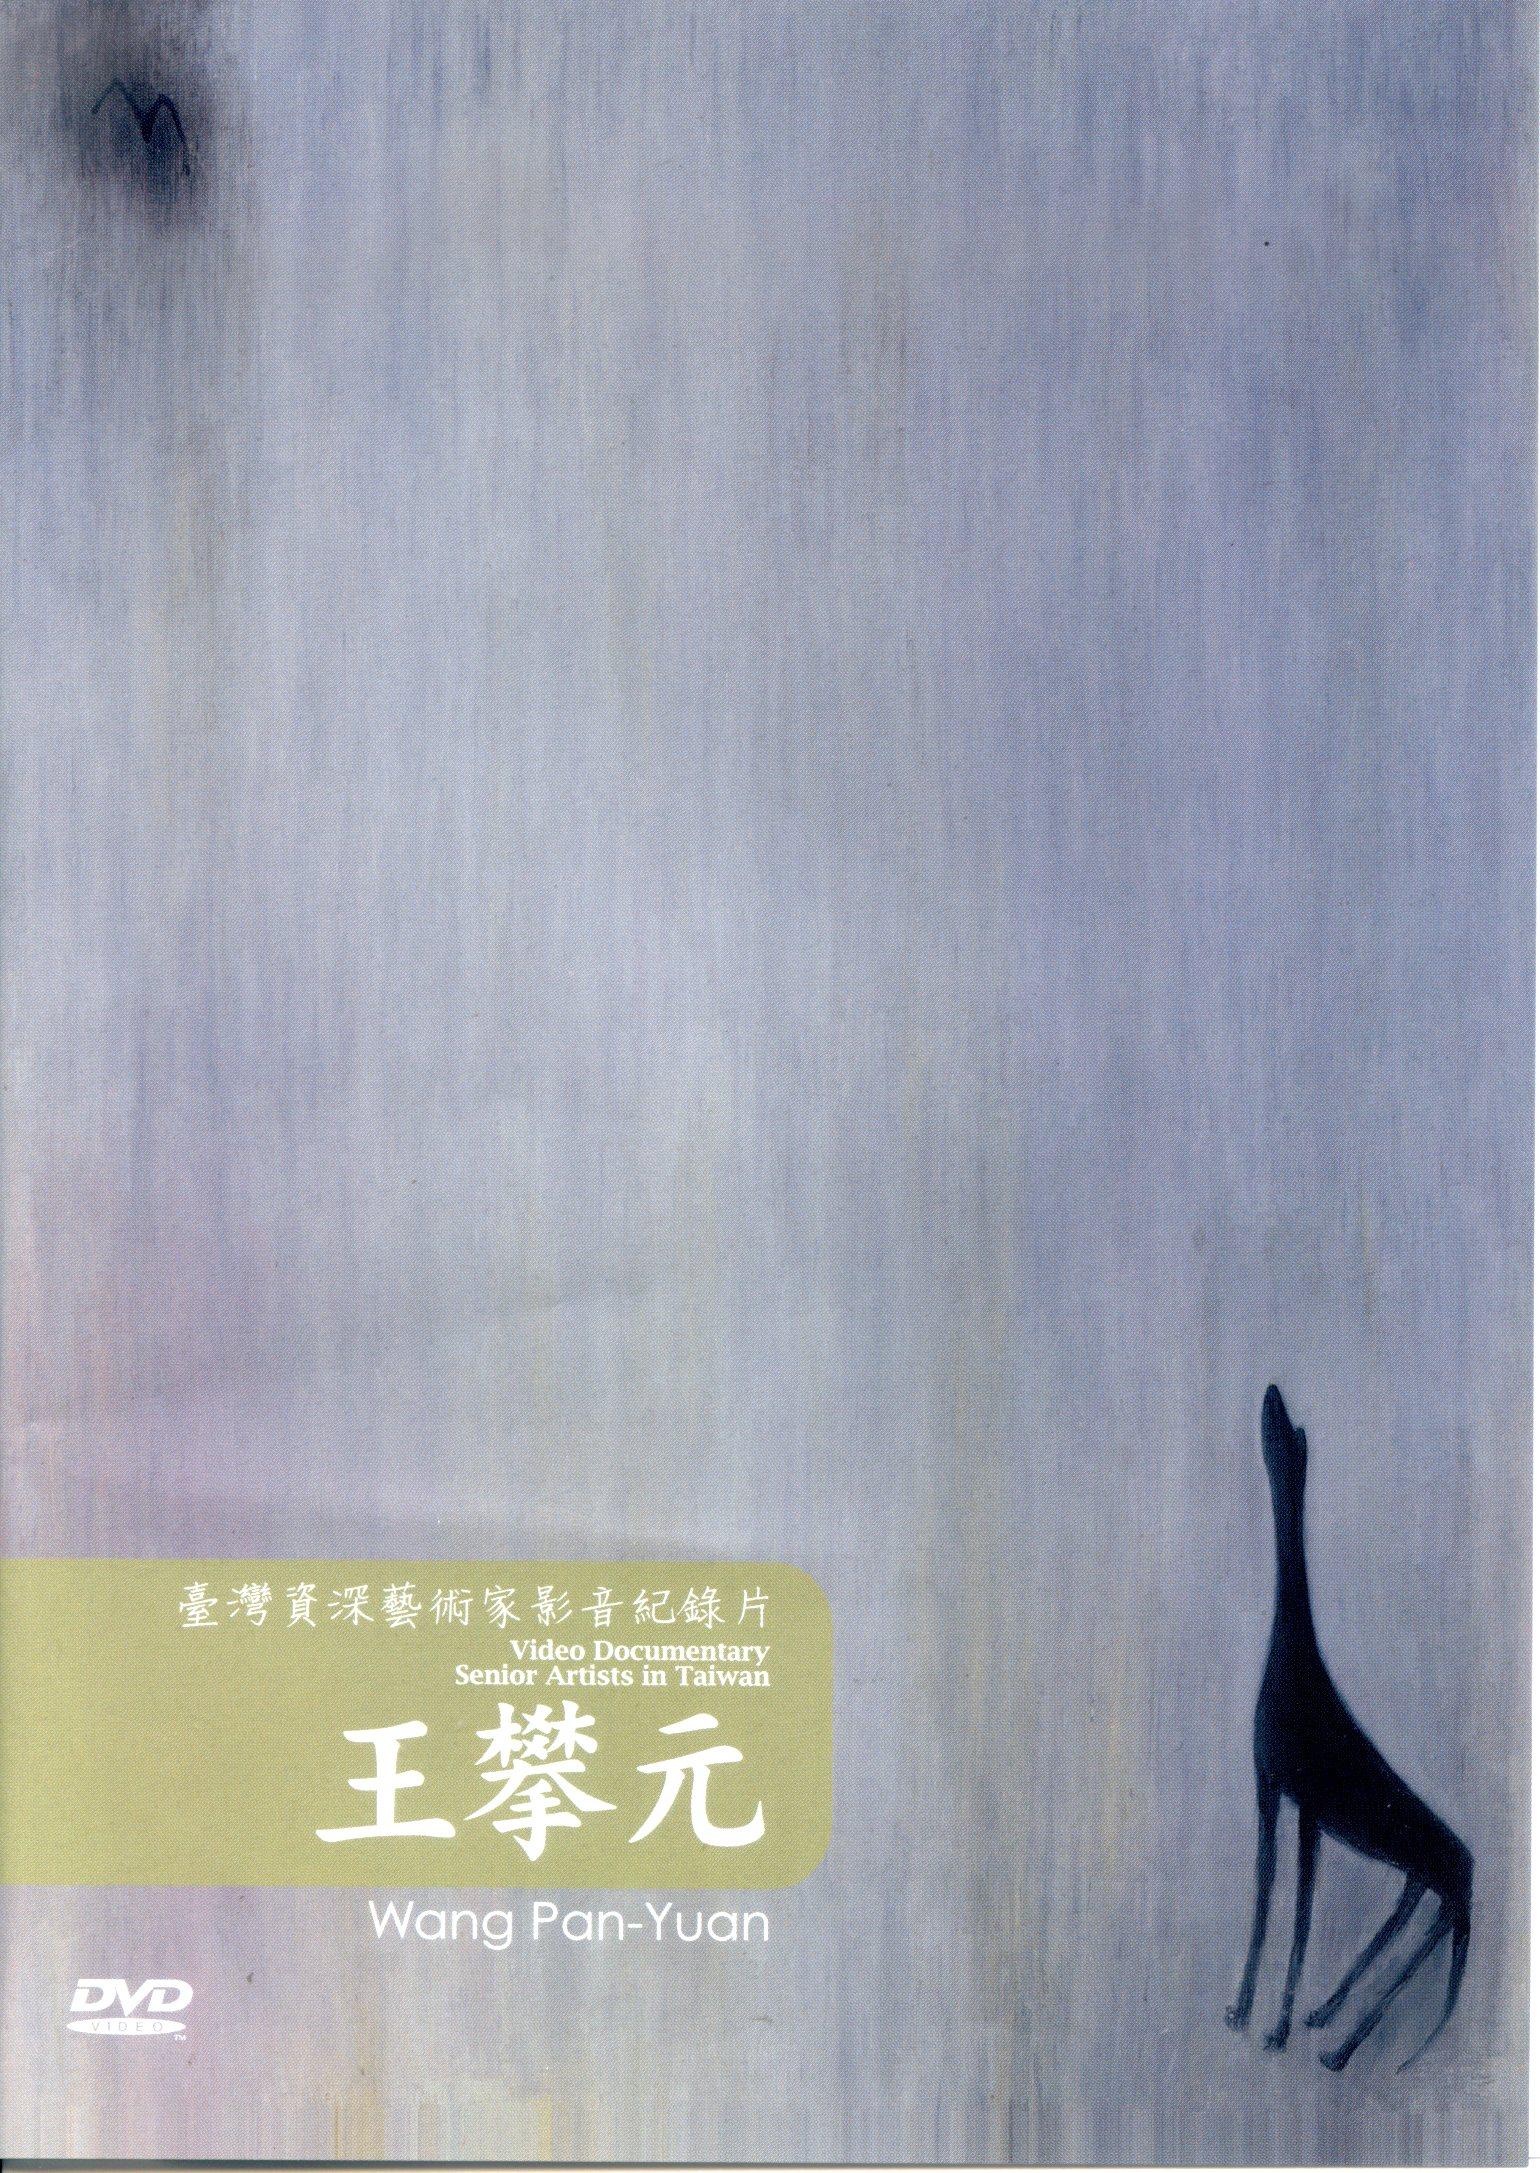 王攀元 :  Video documentary, senior artists in Taiwan. Wang Pan-Yuan /